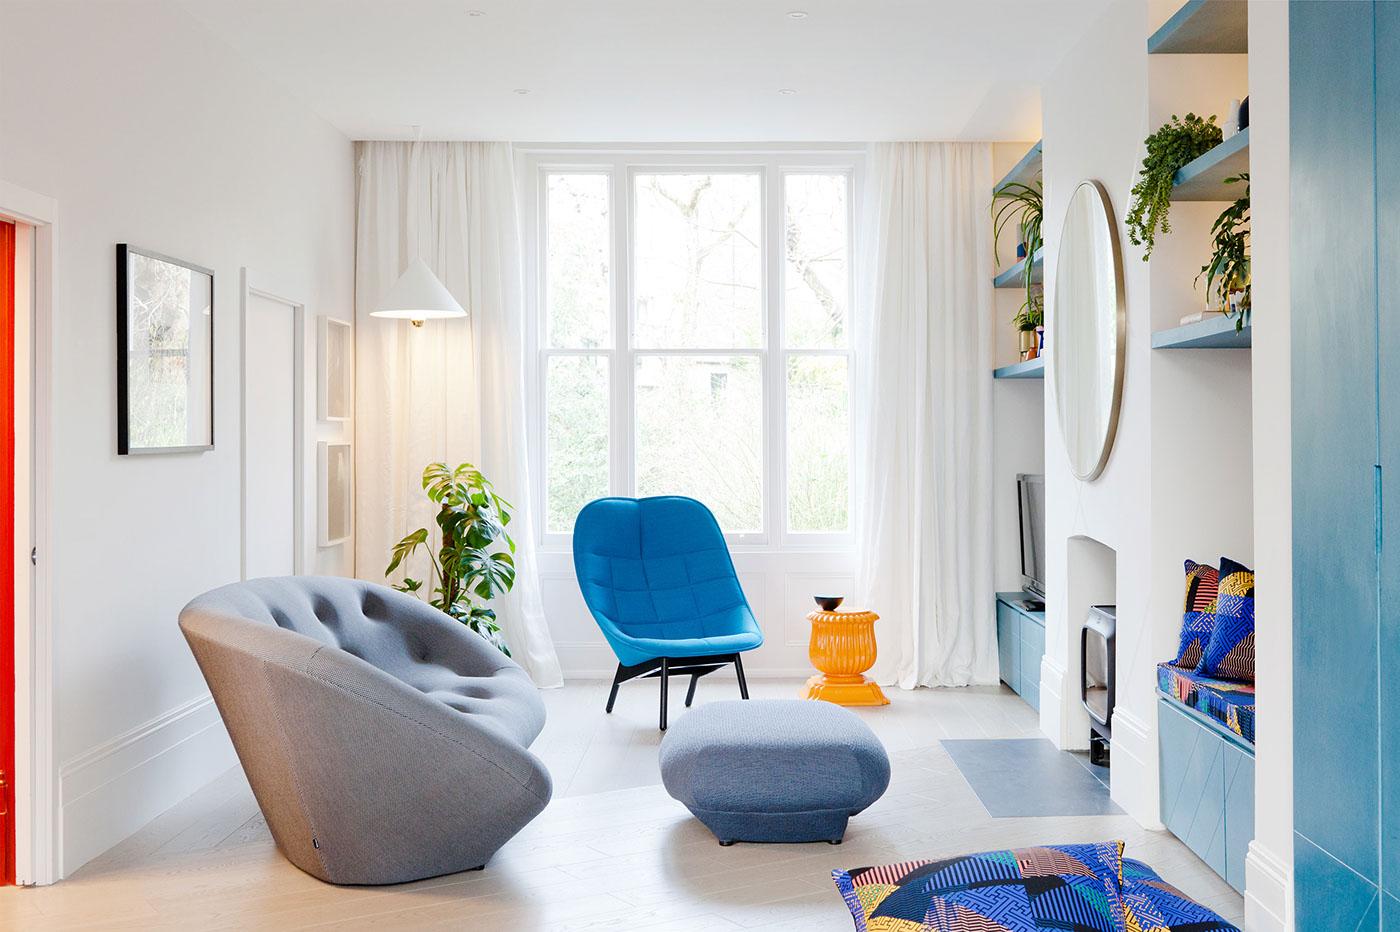 Idee X Rinnovare Casa.Idee Per Rimodernare Casa 10 Consigli Per Cambiare Stile Alla